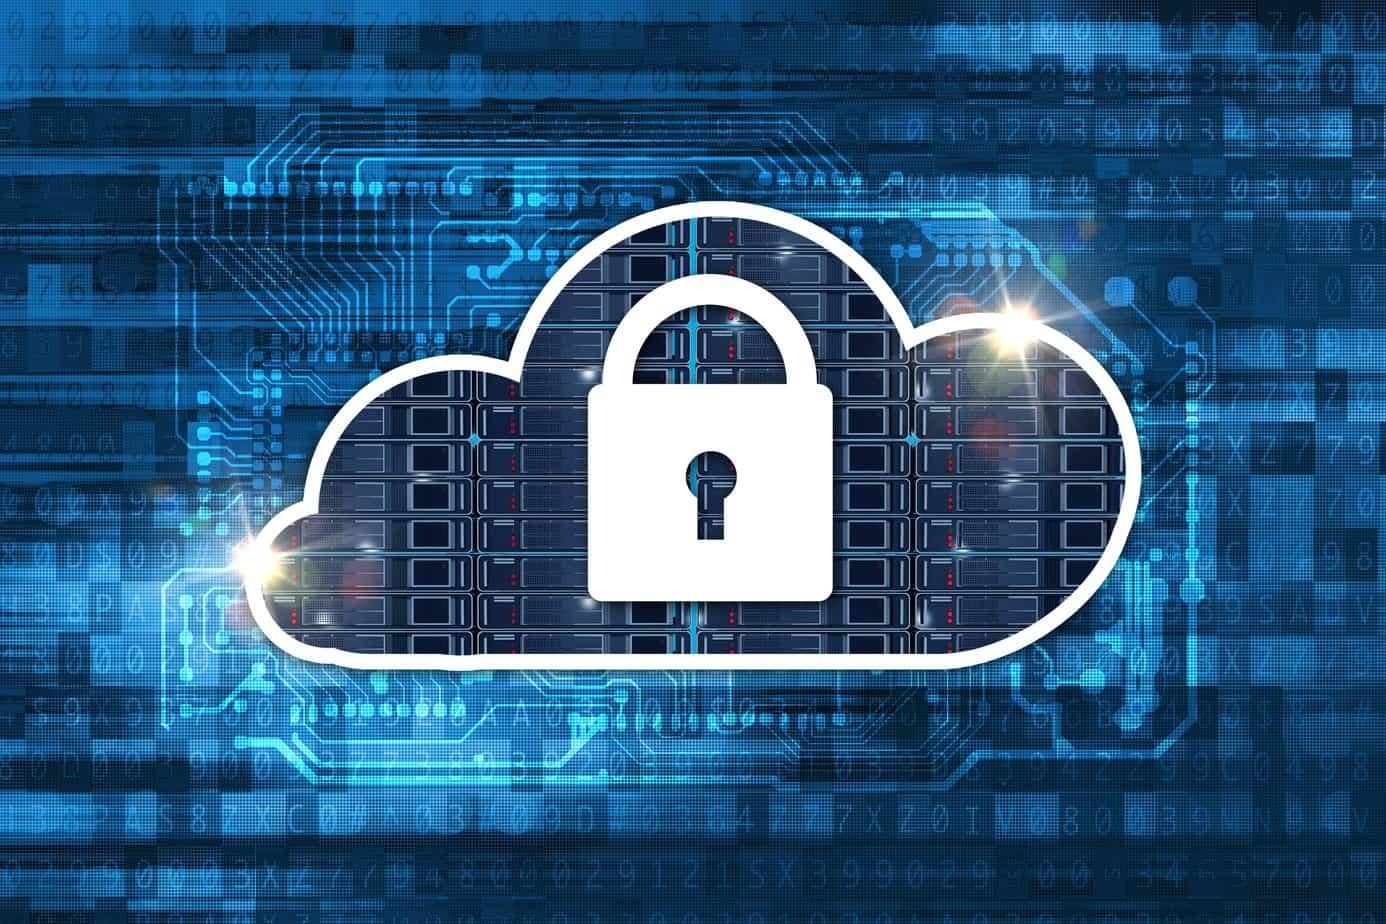 NAS Ratgeber - Teil 10: Einrichtung einer NAS-Cloud